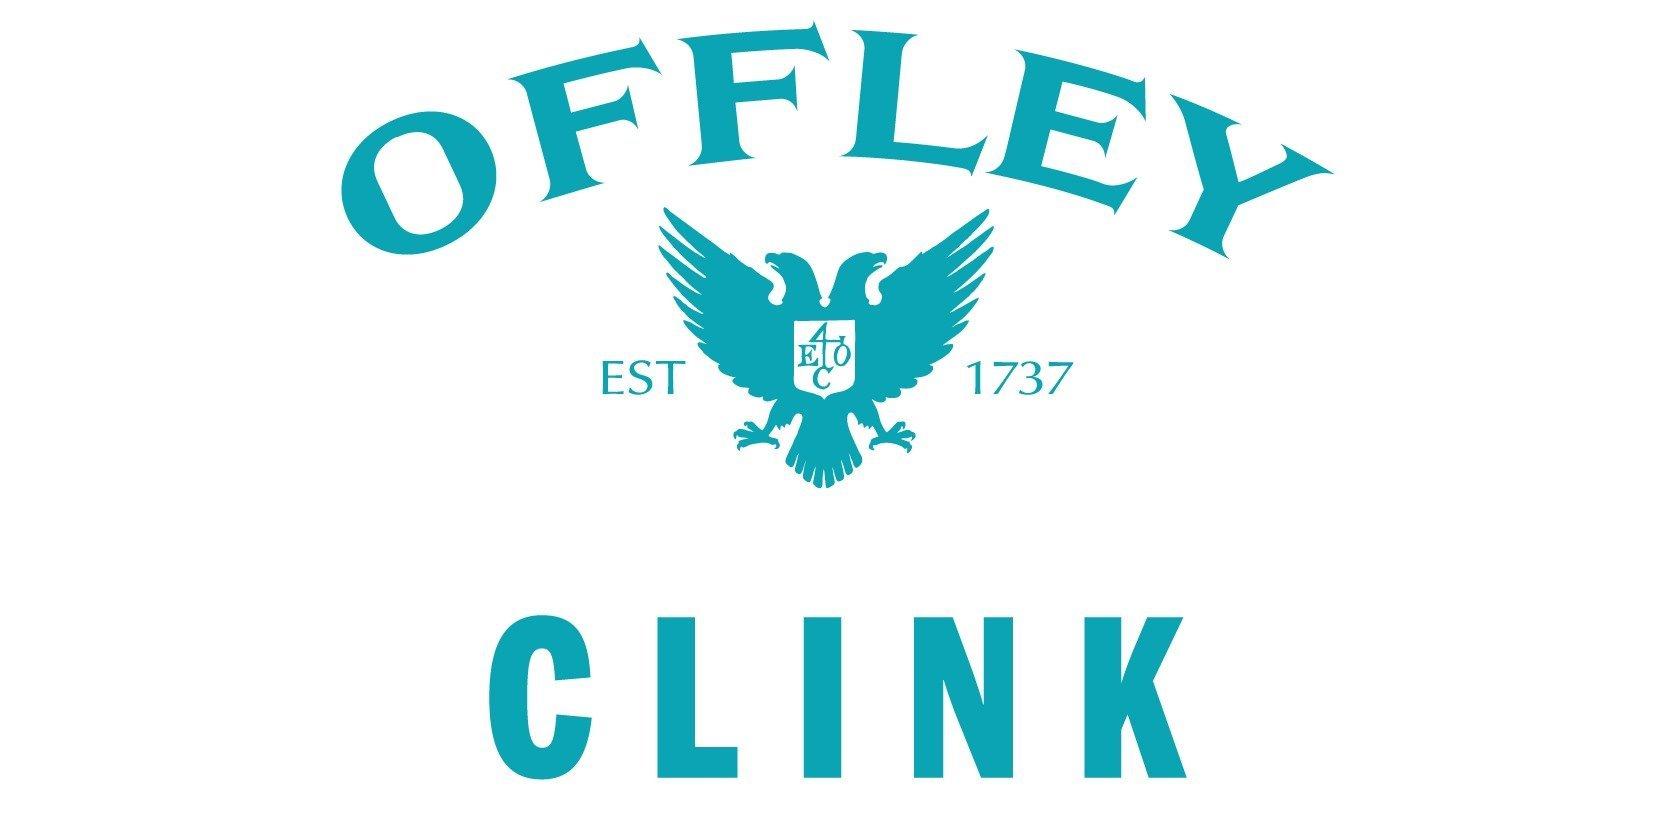 OFFLEY CLINK: UM NOVO VINHO DO PORTO COM ALMA REJUVENESCIDA… E MUITO IRREVERENTE